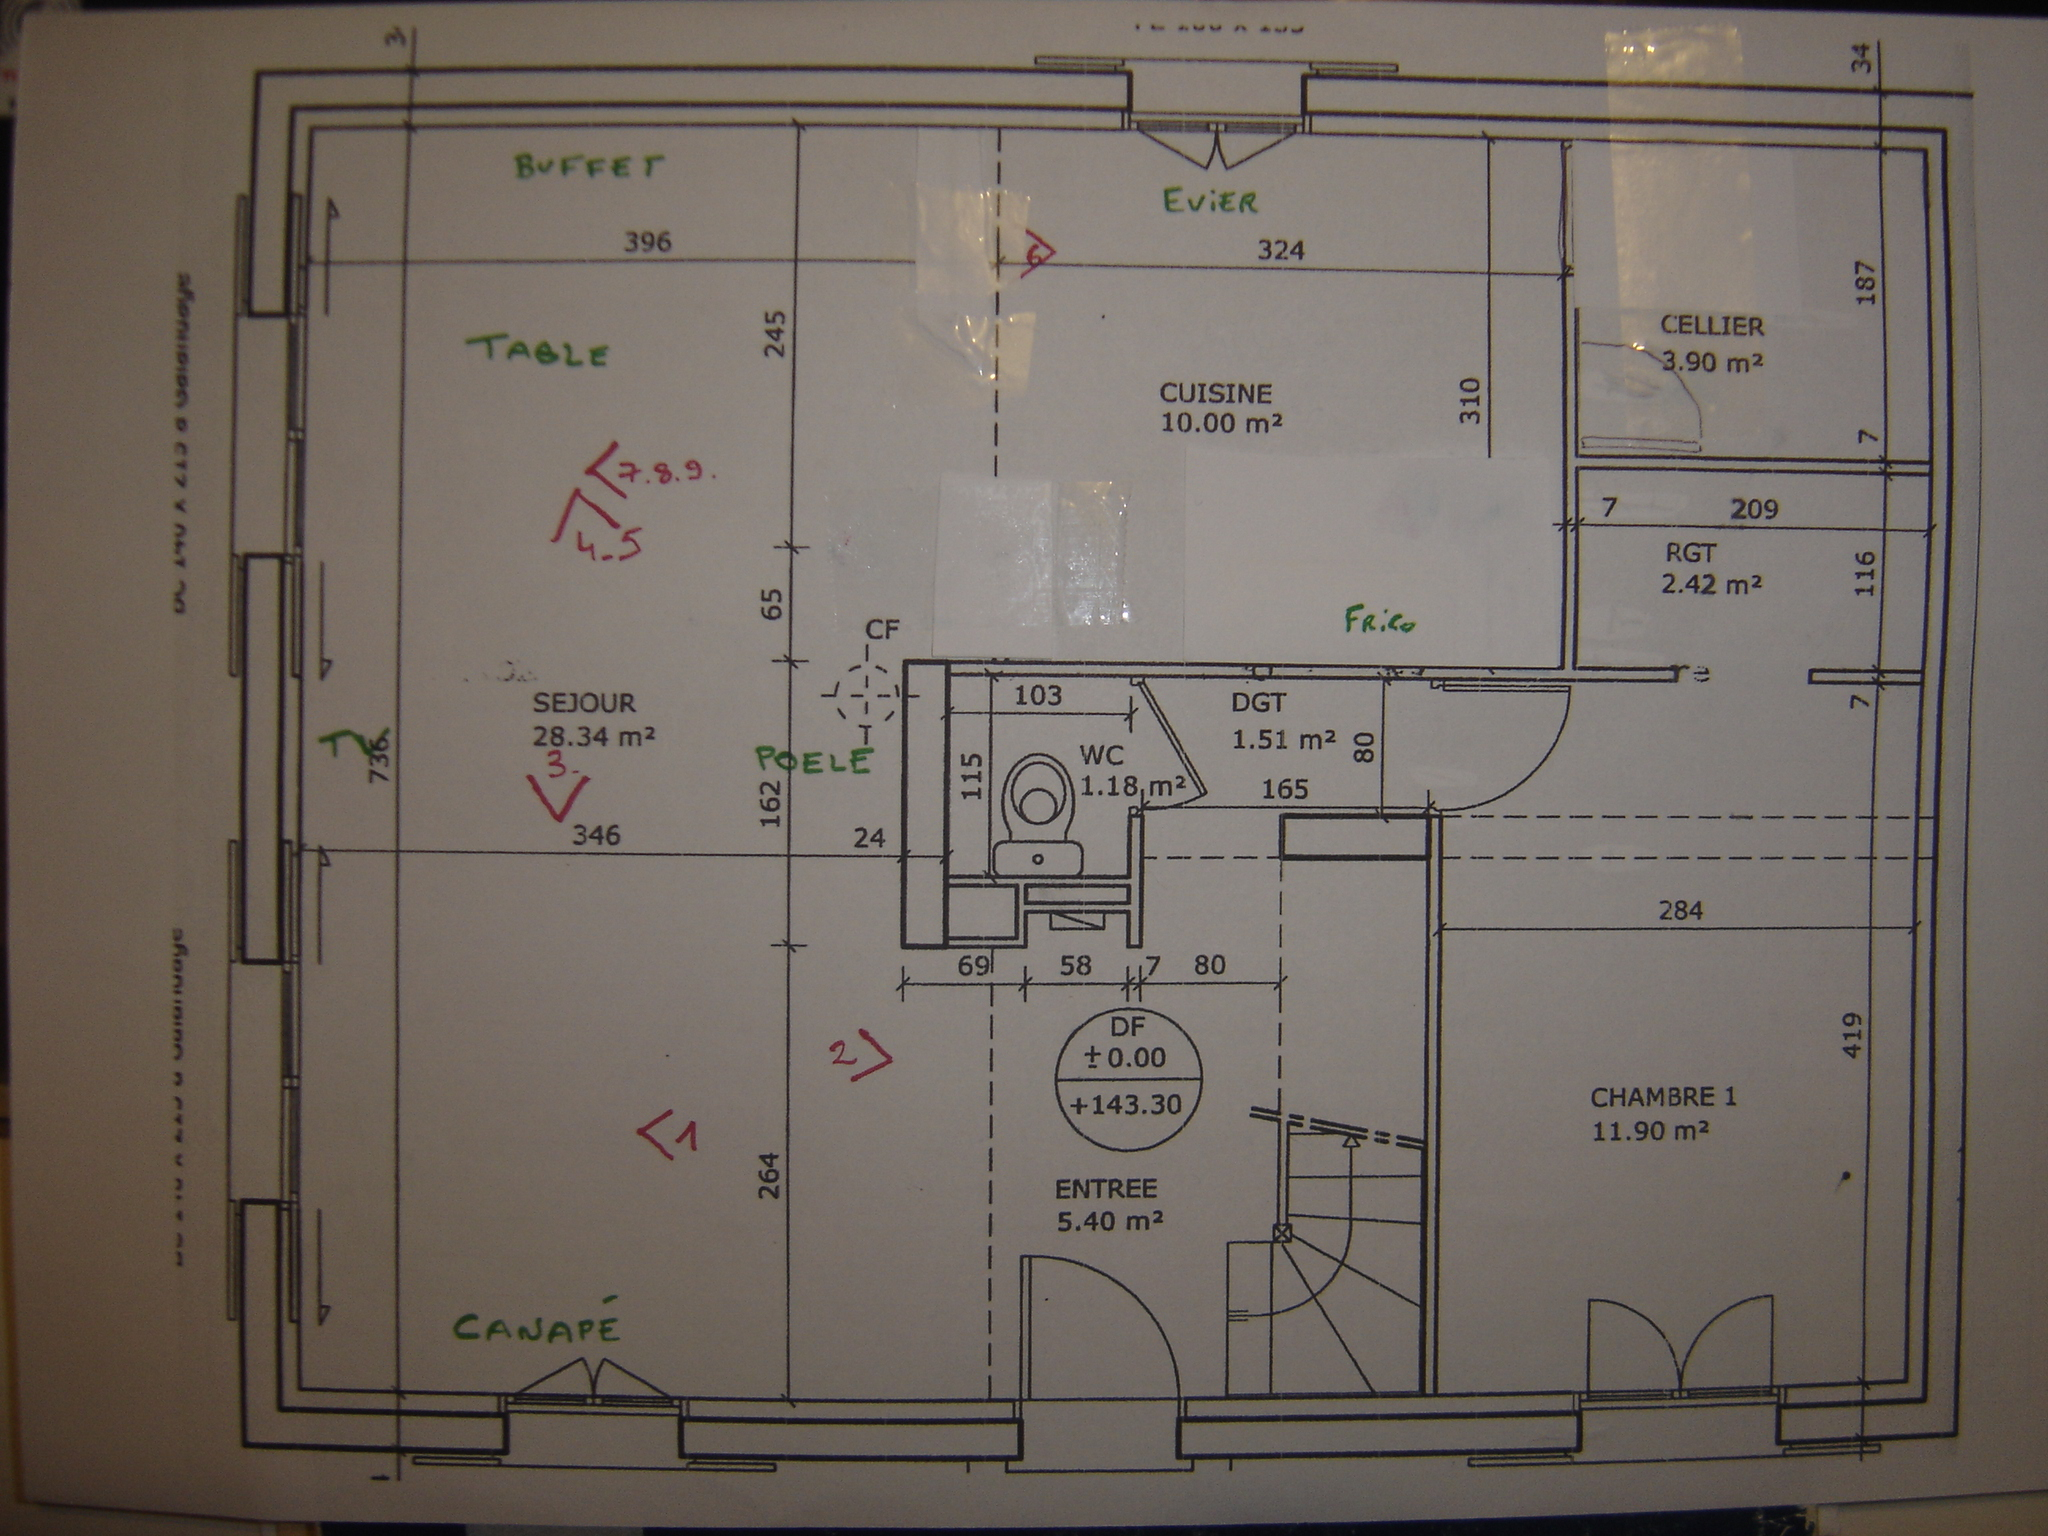 Escalier Dans Un Salon besoin d'aide pour espace salon/sam/cuisine,p4 suite escalier